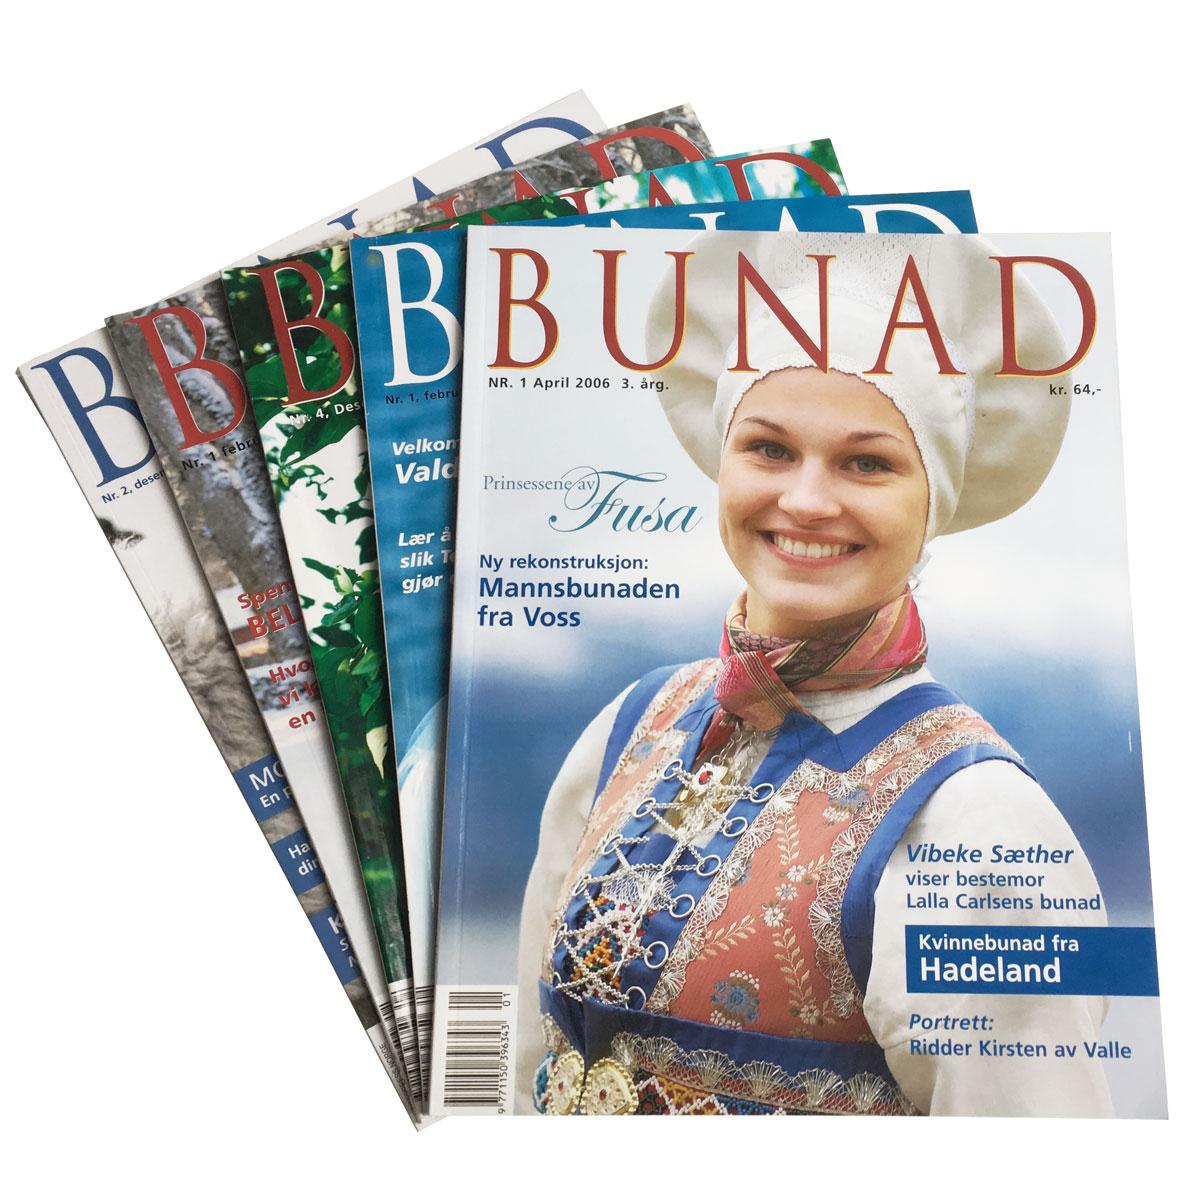 Abonnement + Hordaland-bundle